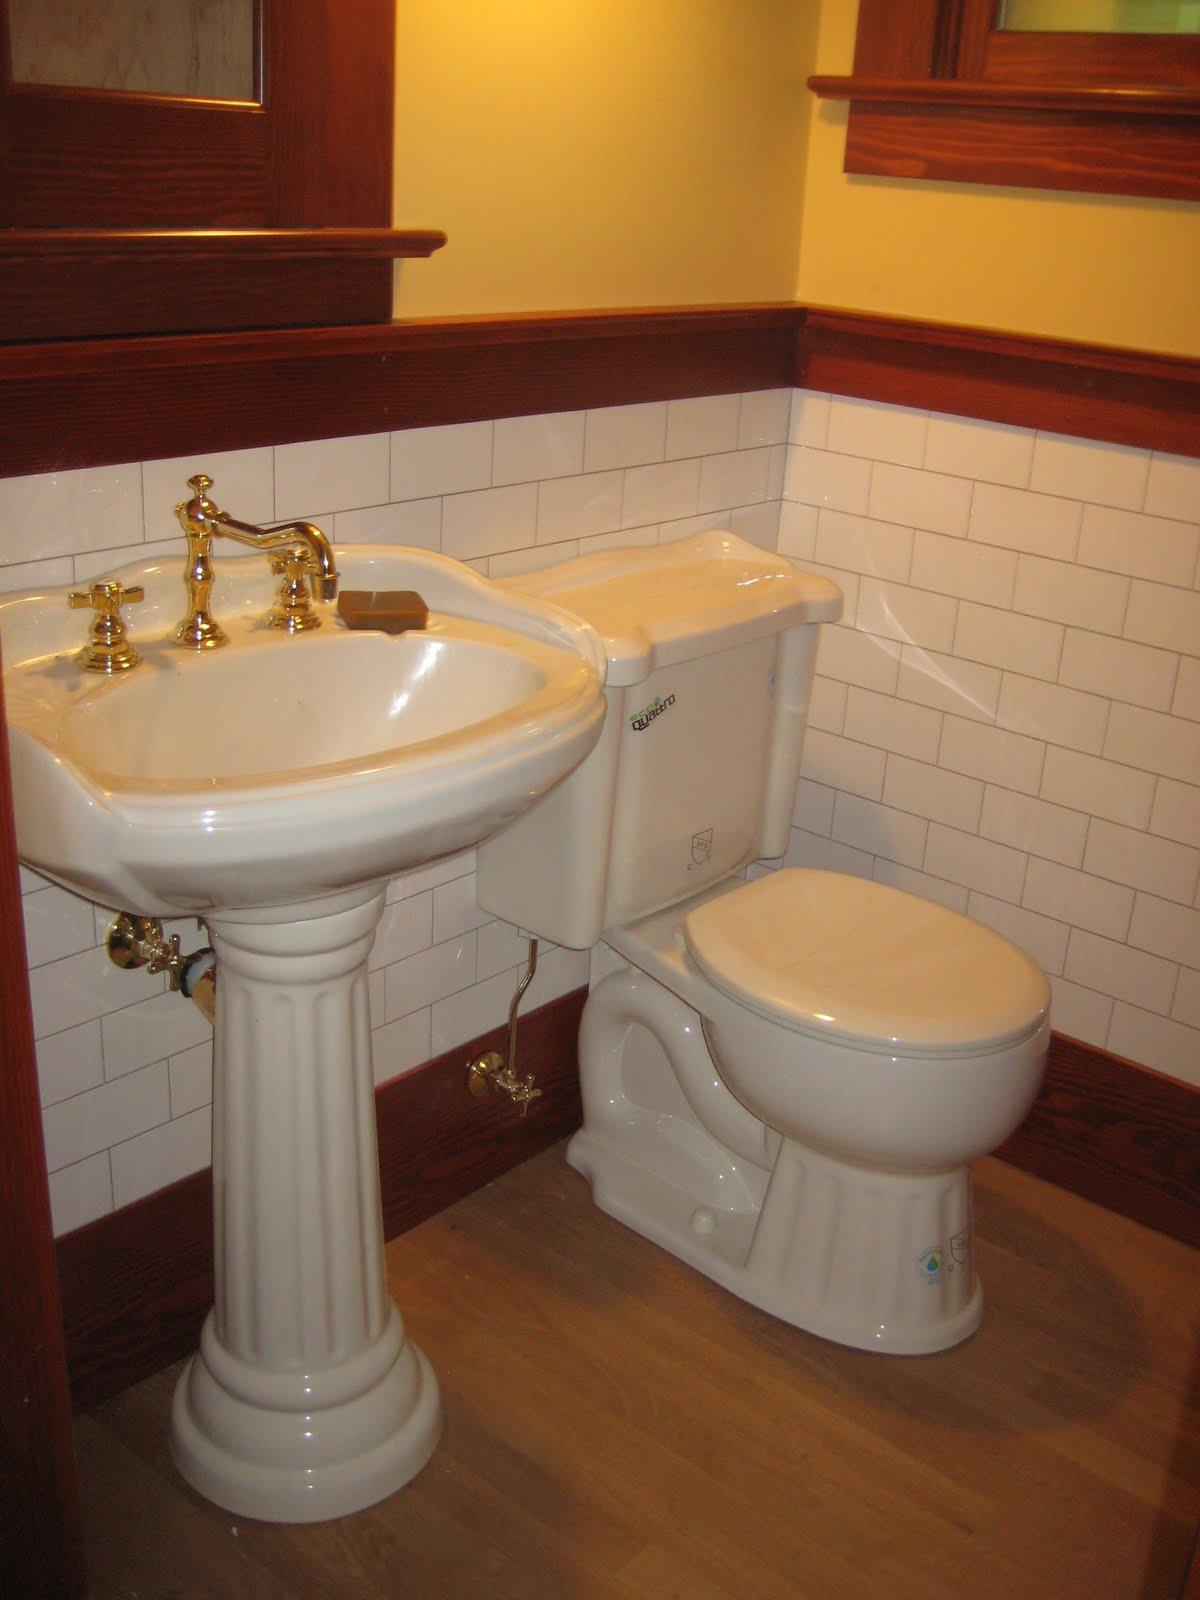 Sears Kitchen Remodel Order Cabinets Online Laurelhurst Craftsman Bungalow Main Floor Bathroom